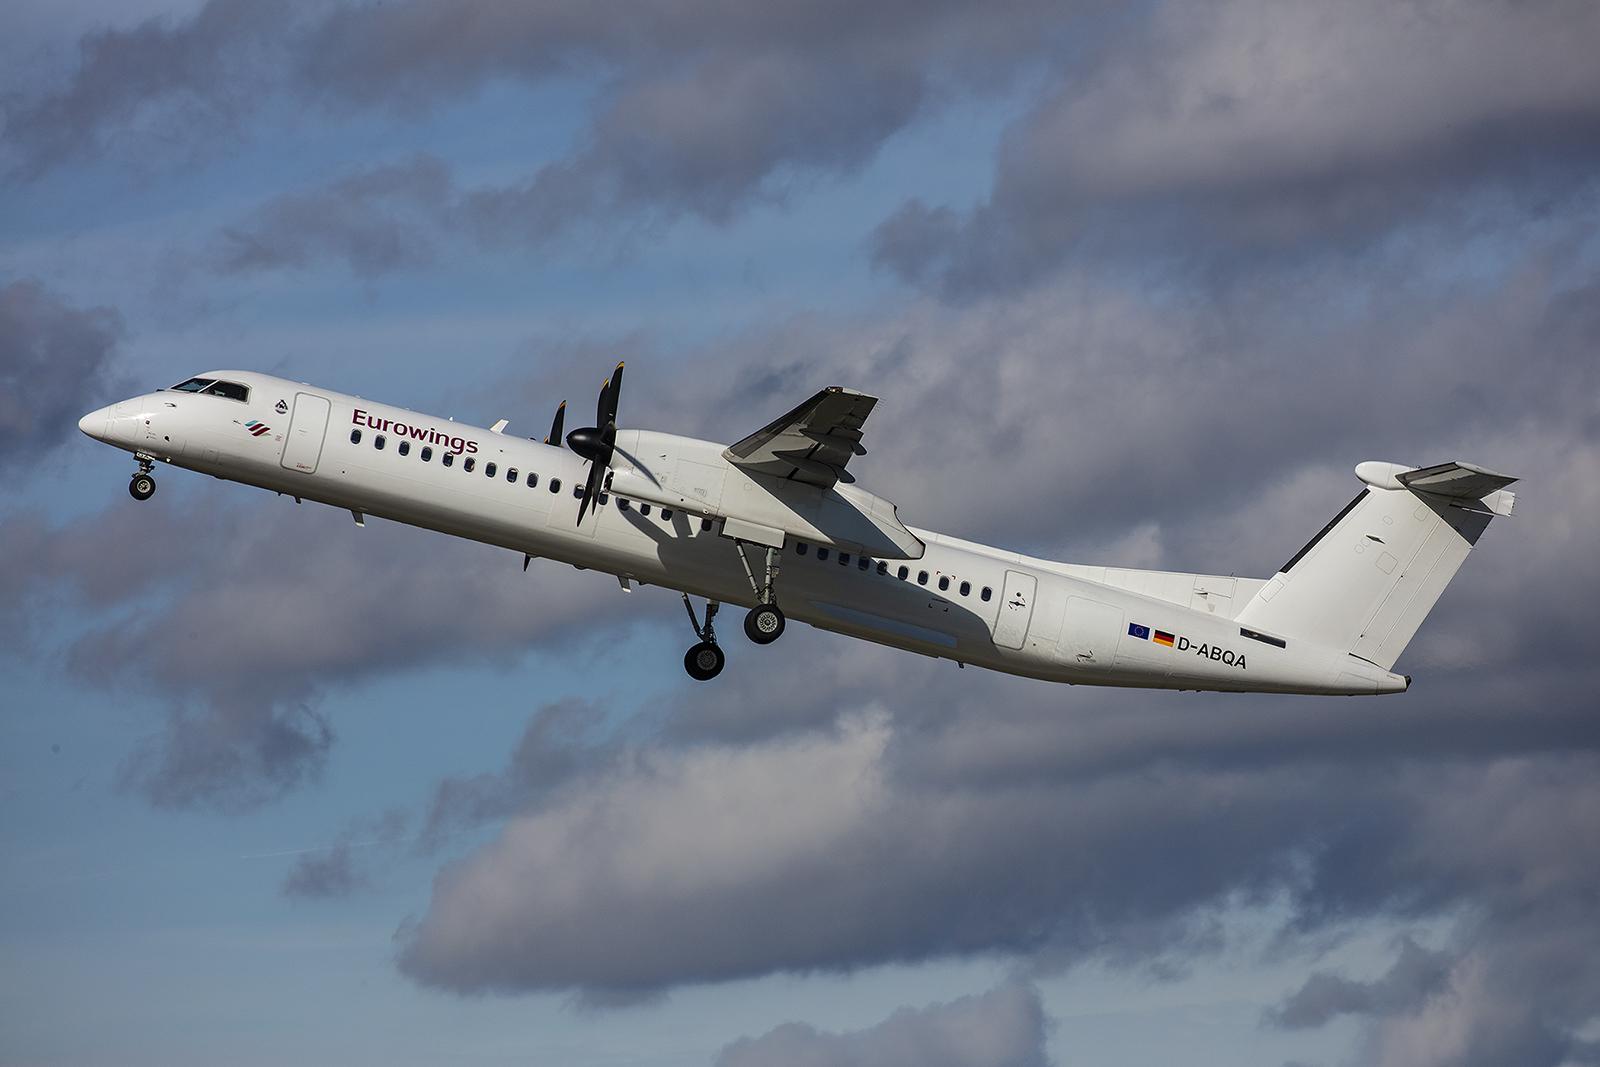 Die D-ABQA der LGW ist heute für Eurowings unterwegs. Früher war LGW Partner der Air Berlin.